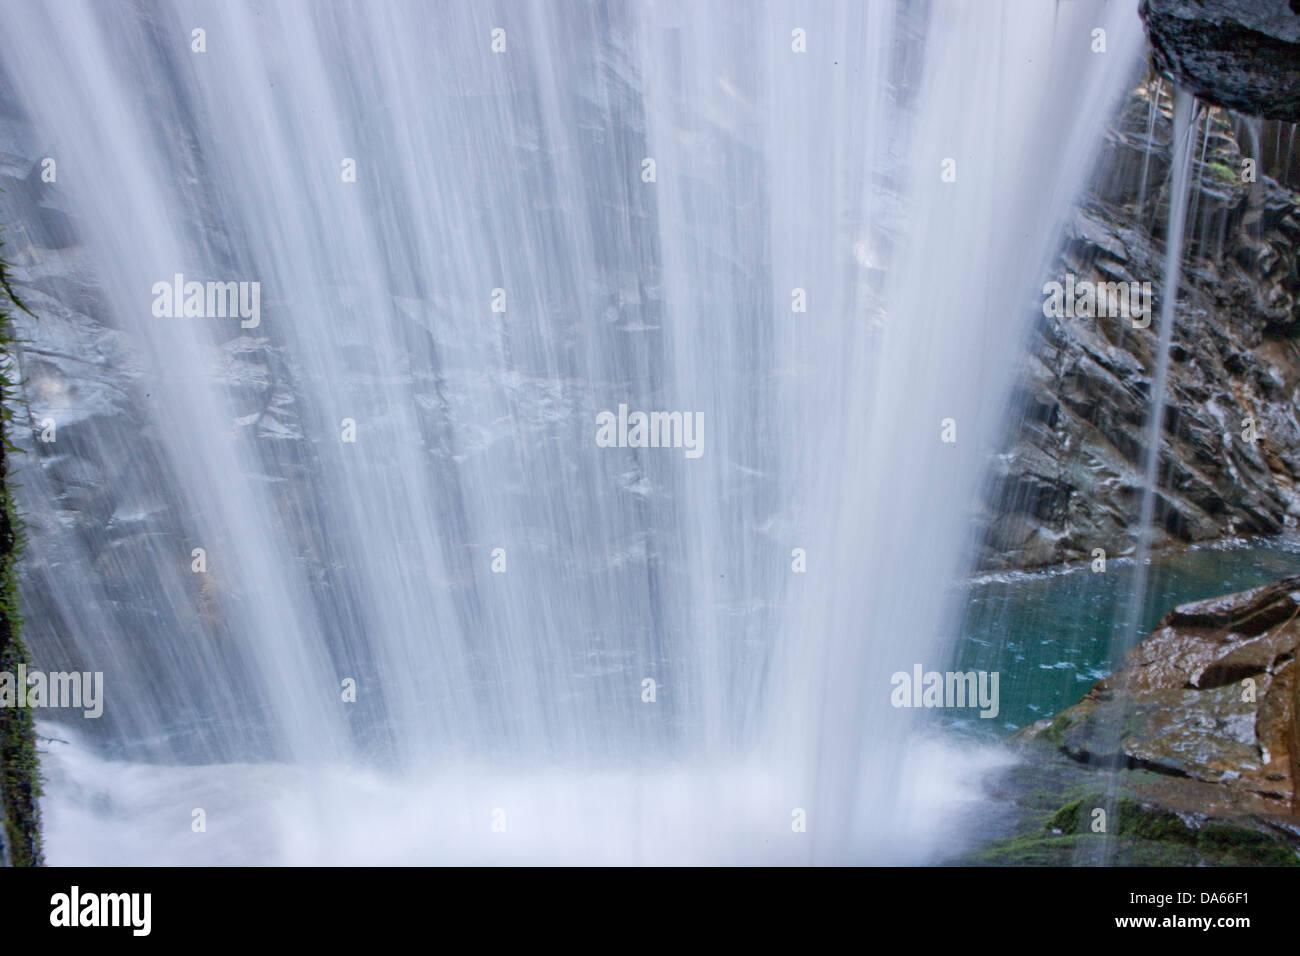 Rofflaschlucht, río, caudal, Brook, cuerpo de agua, agua, quebrada, Canyon, agua, cascada, cantón, GR, Imagen De Stock